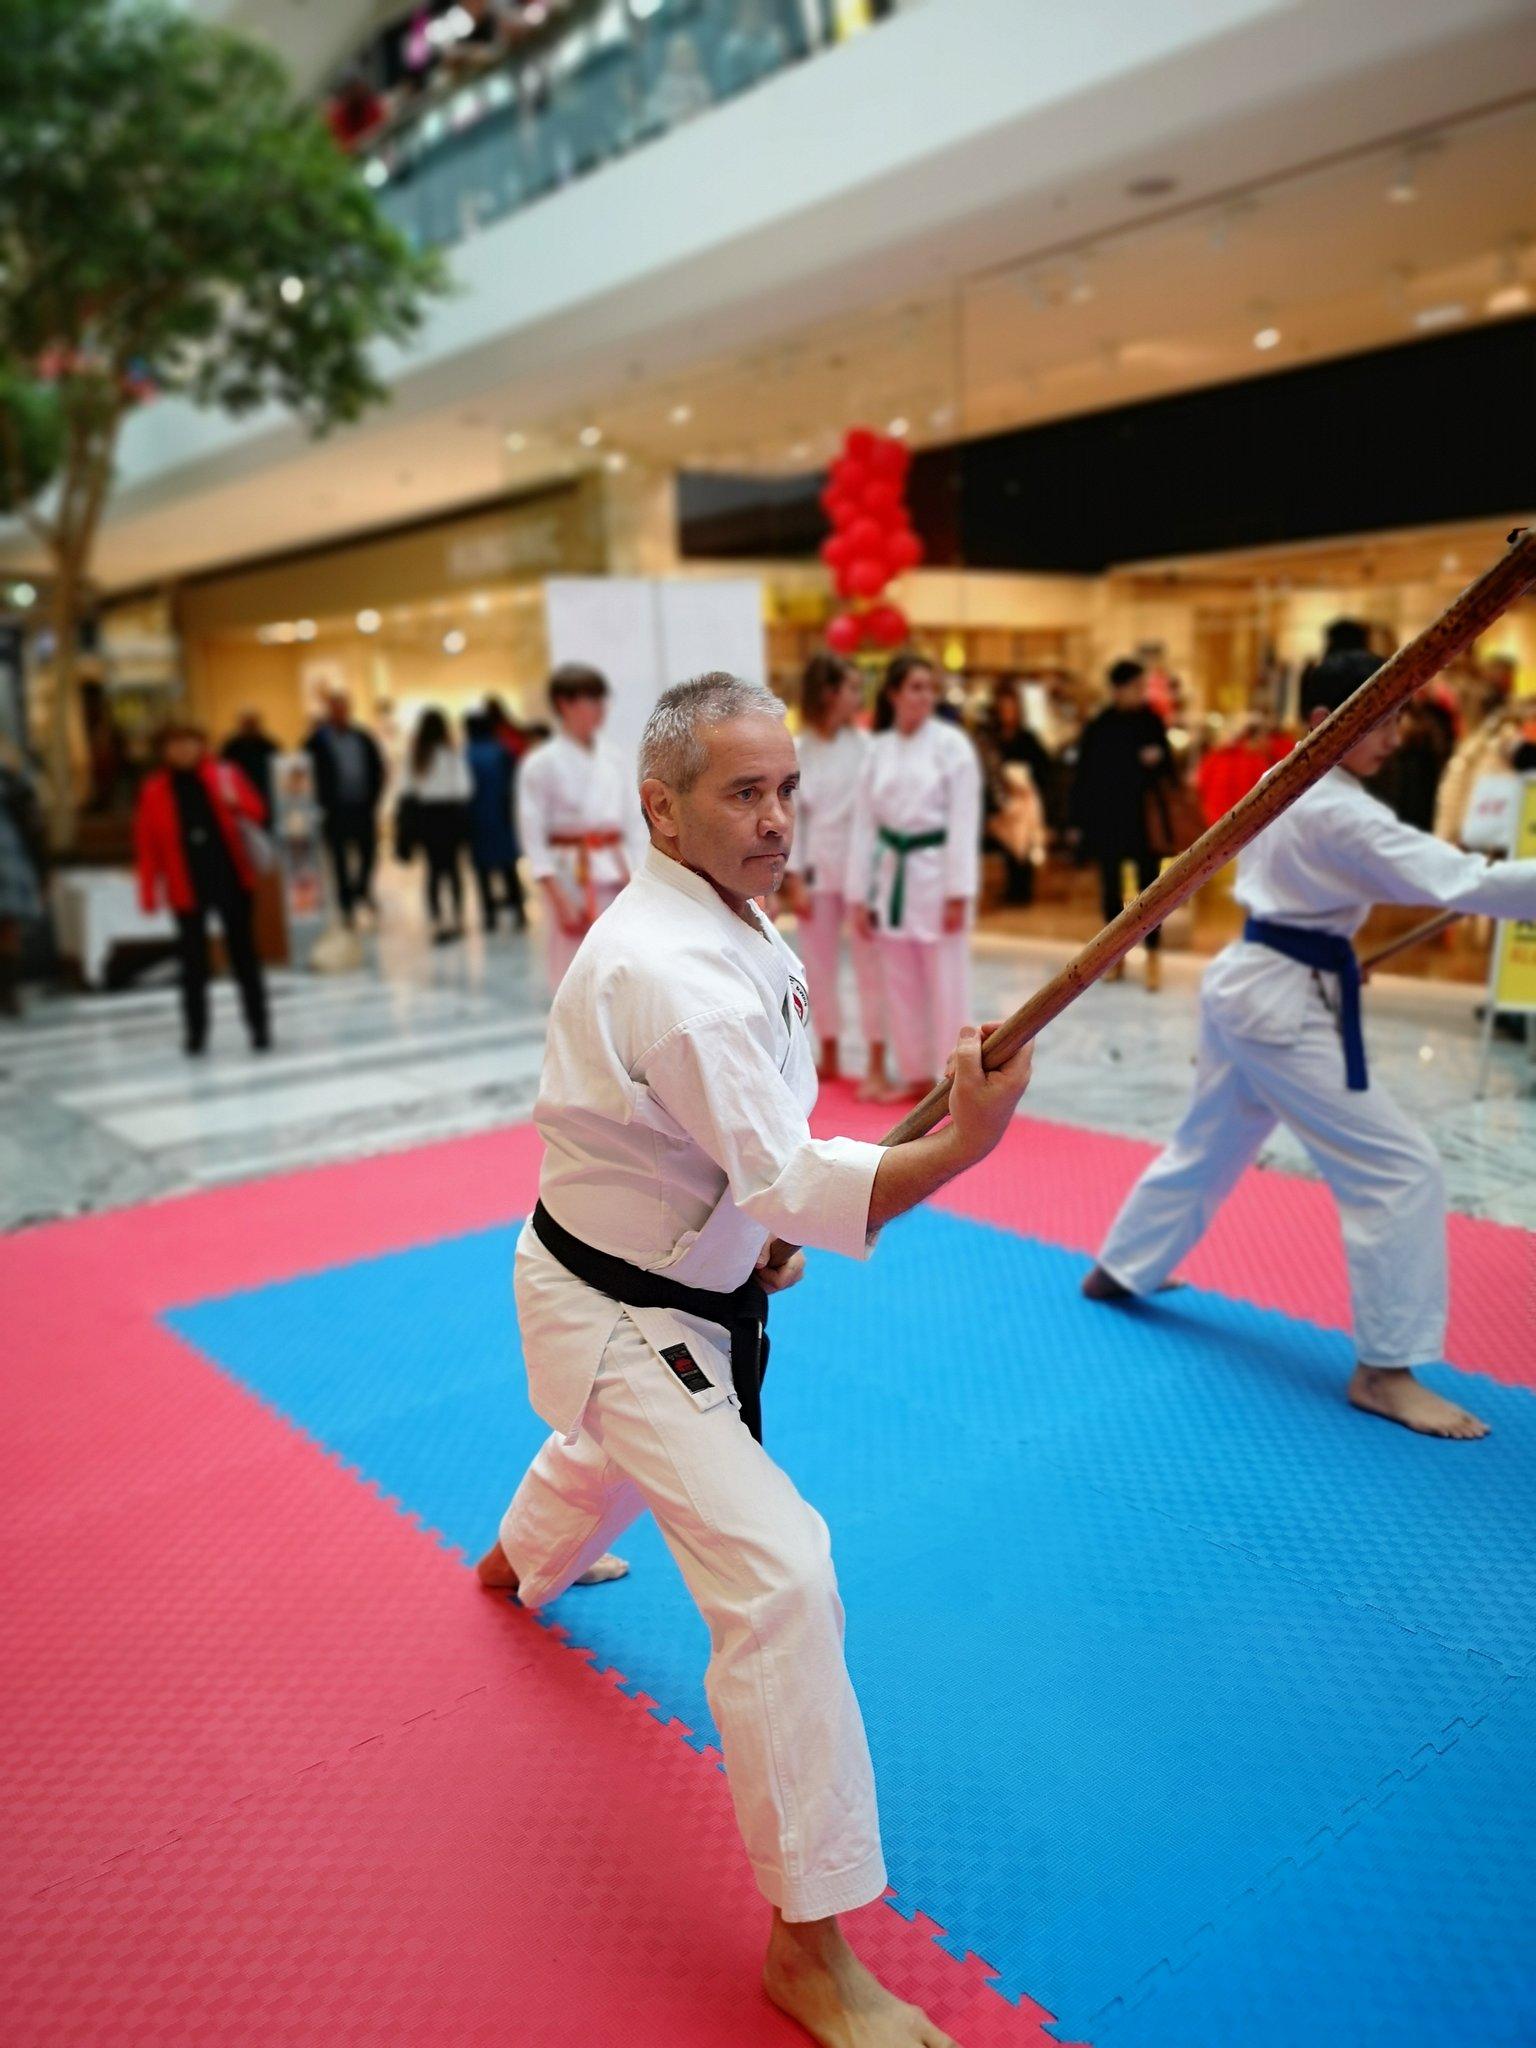 Fünf Karate-Kids kämpften sich durch den Traisenpark - meinbezirk.at